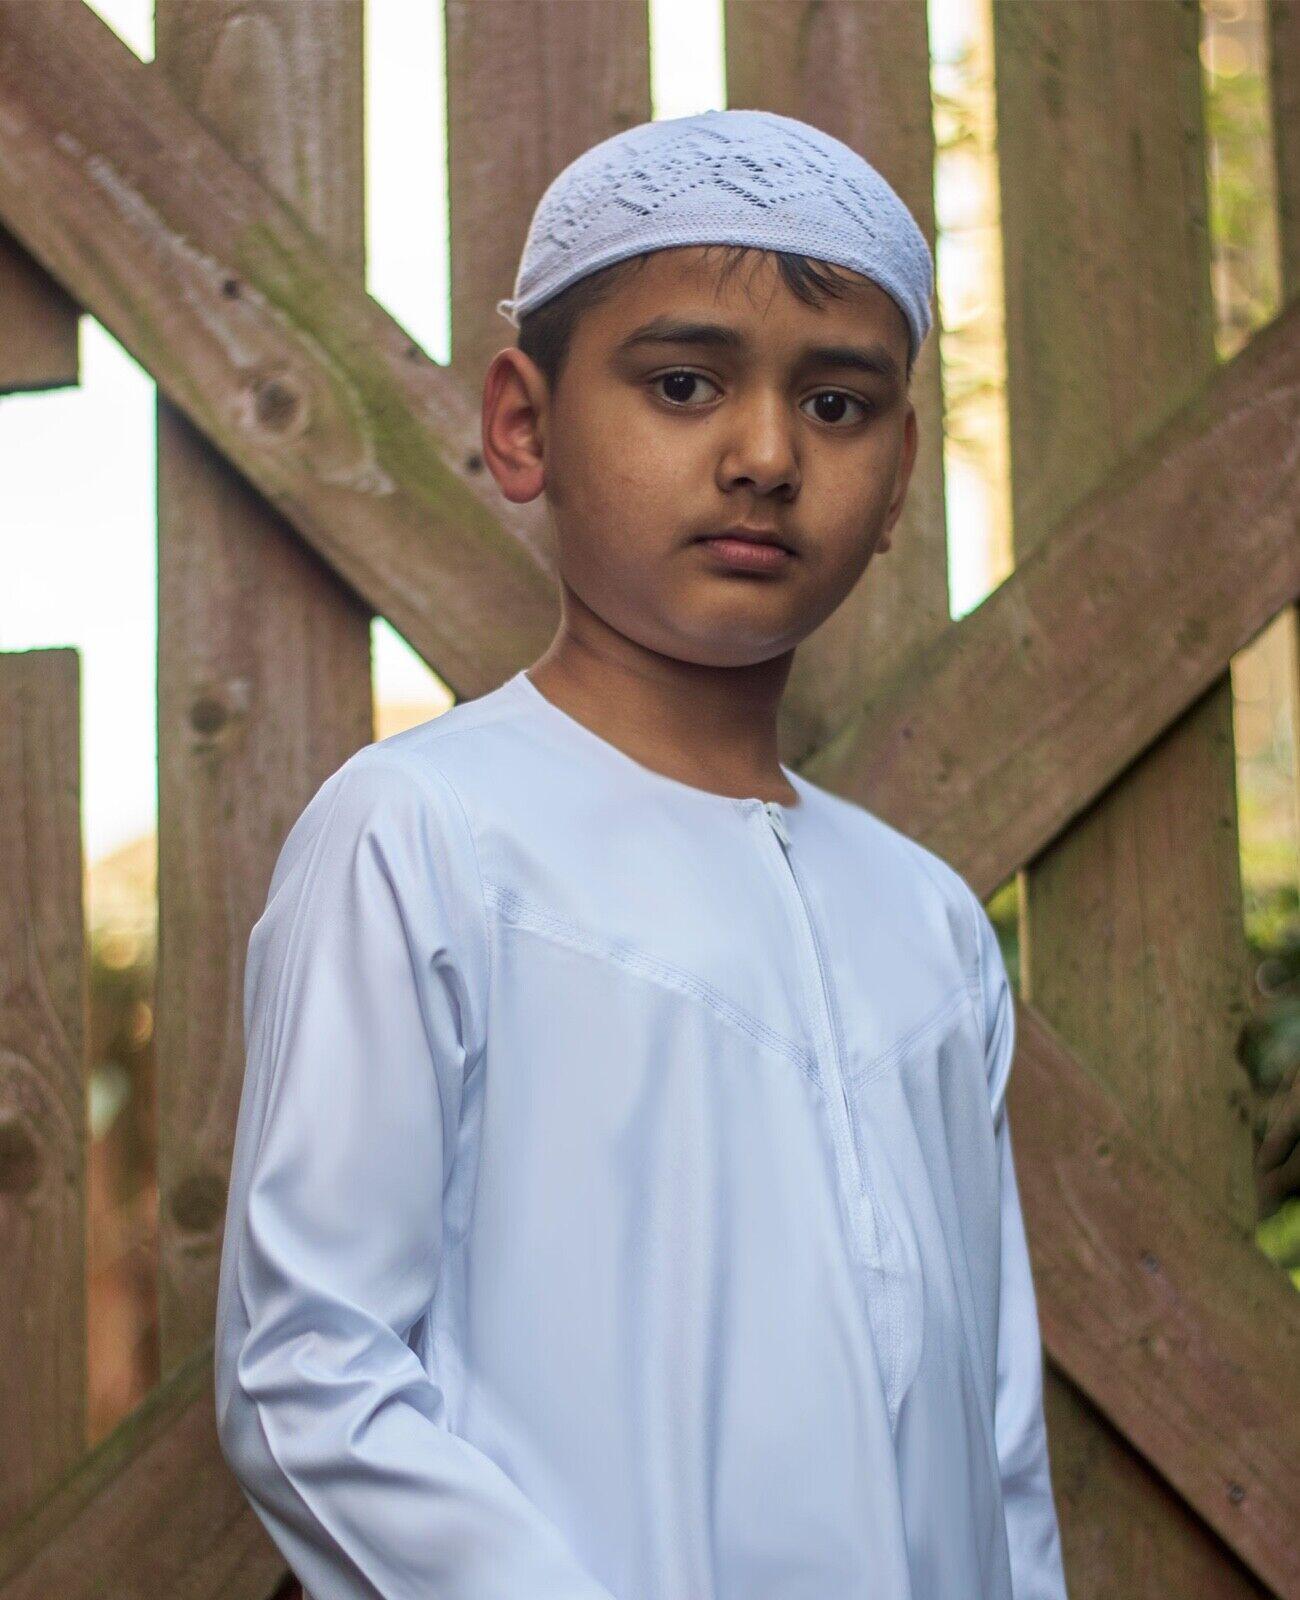 Boys Childrens Thobe Thawb For Madrasa, Eid, Islamic Clothing - Length 34 to 50